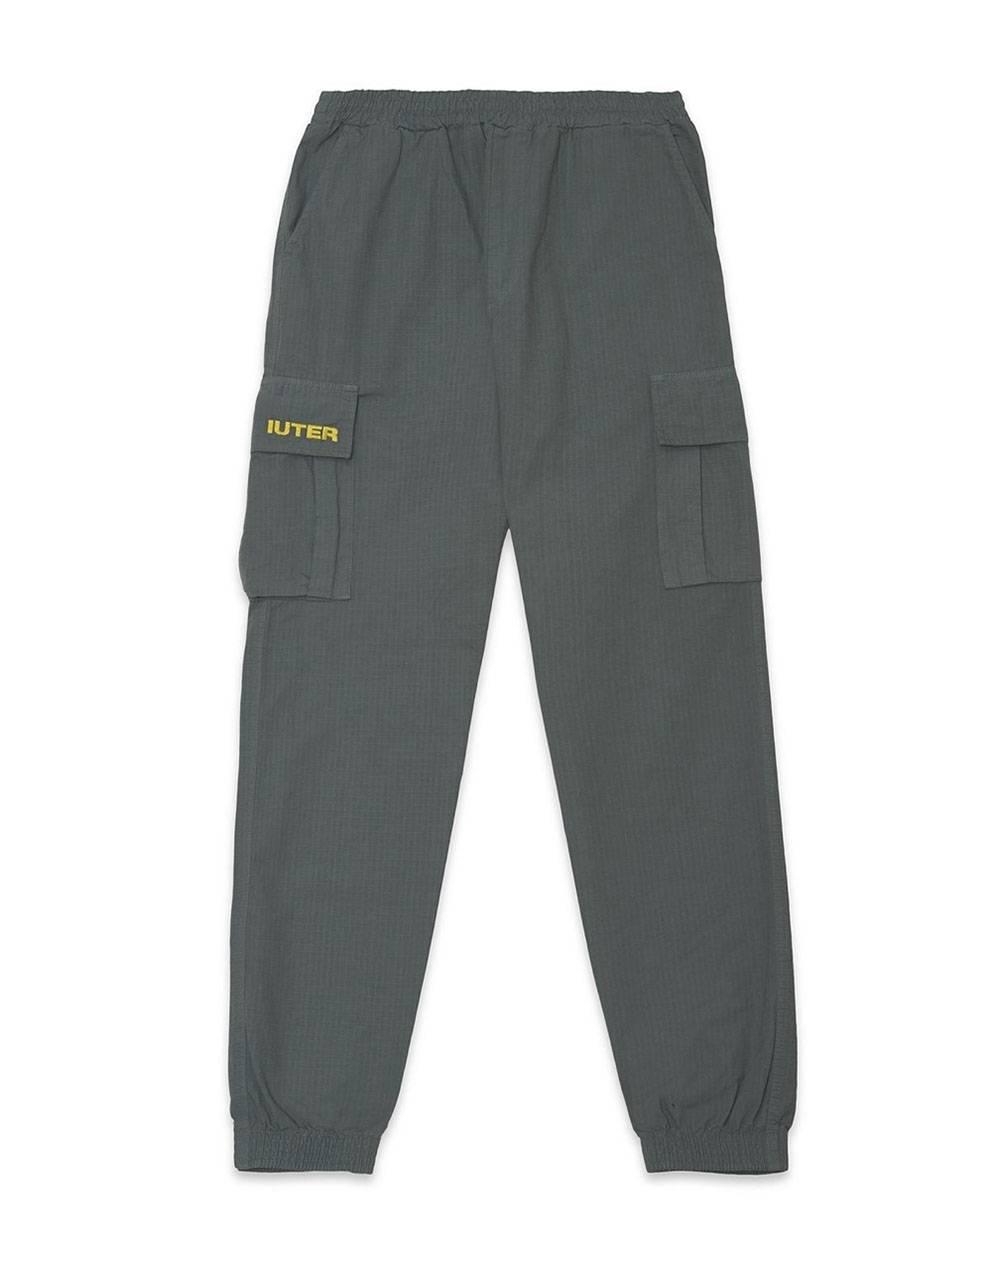 Iuter Jogger cargo pants - Grey IUTER Pant 109,00€